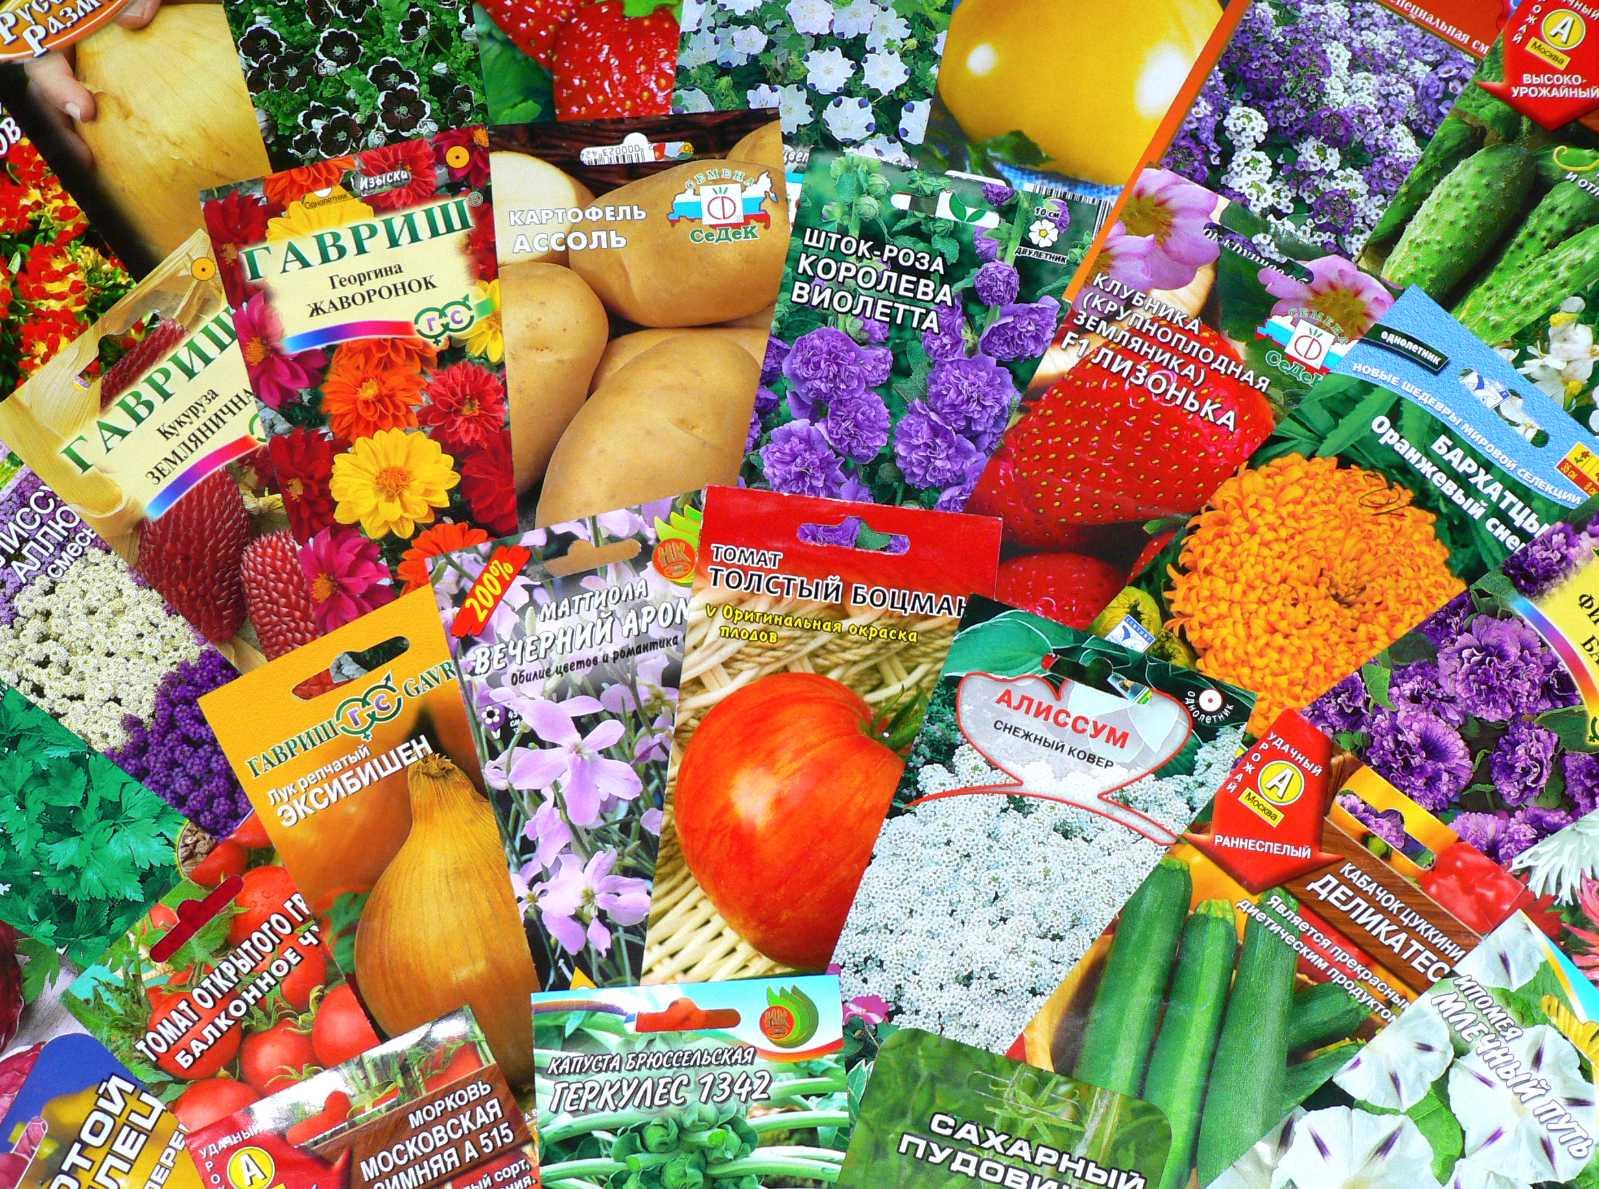 Свой бизнес: открытие магазина семян